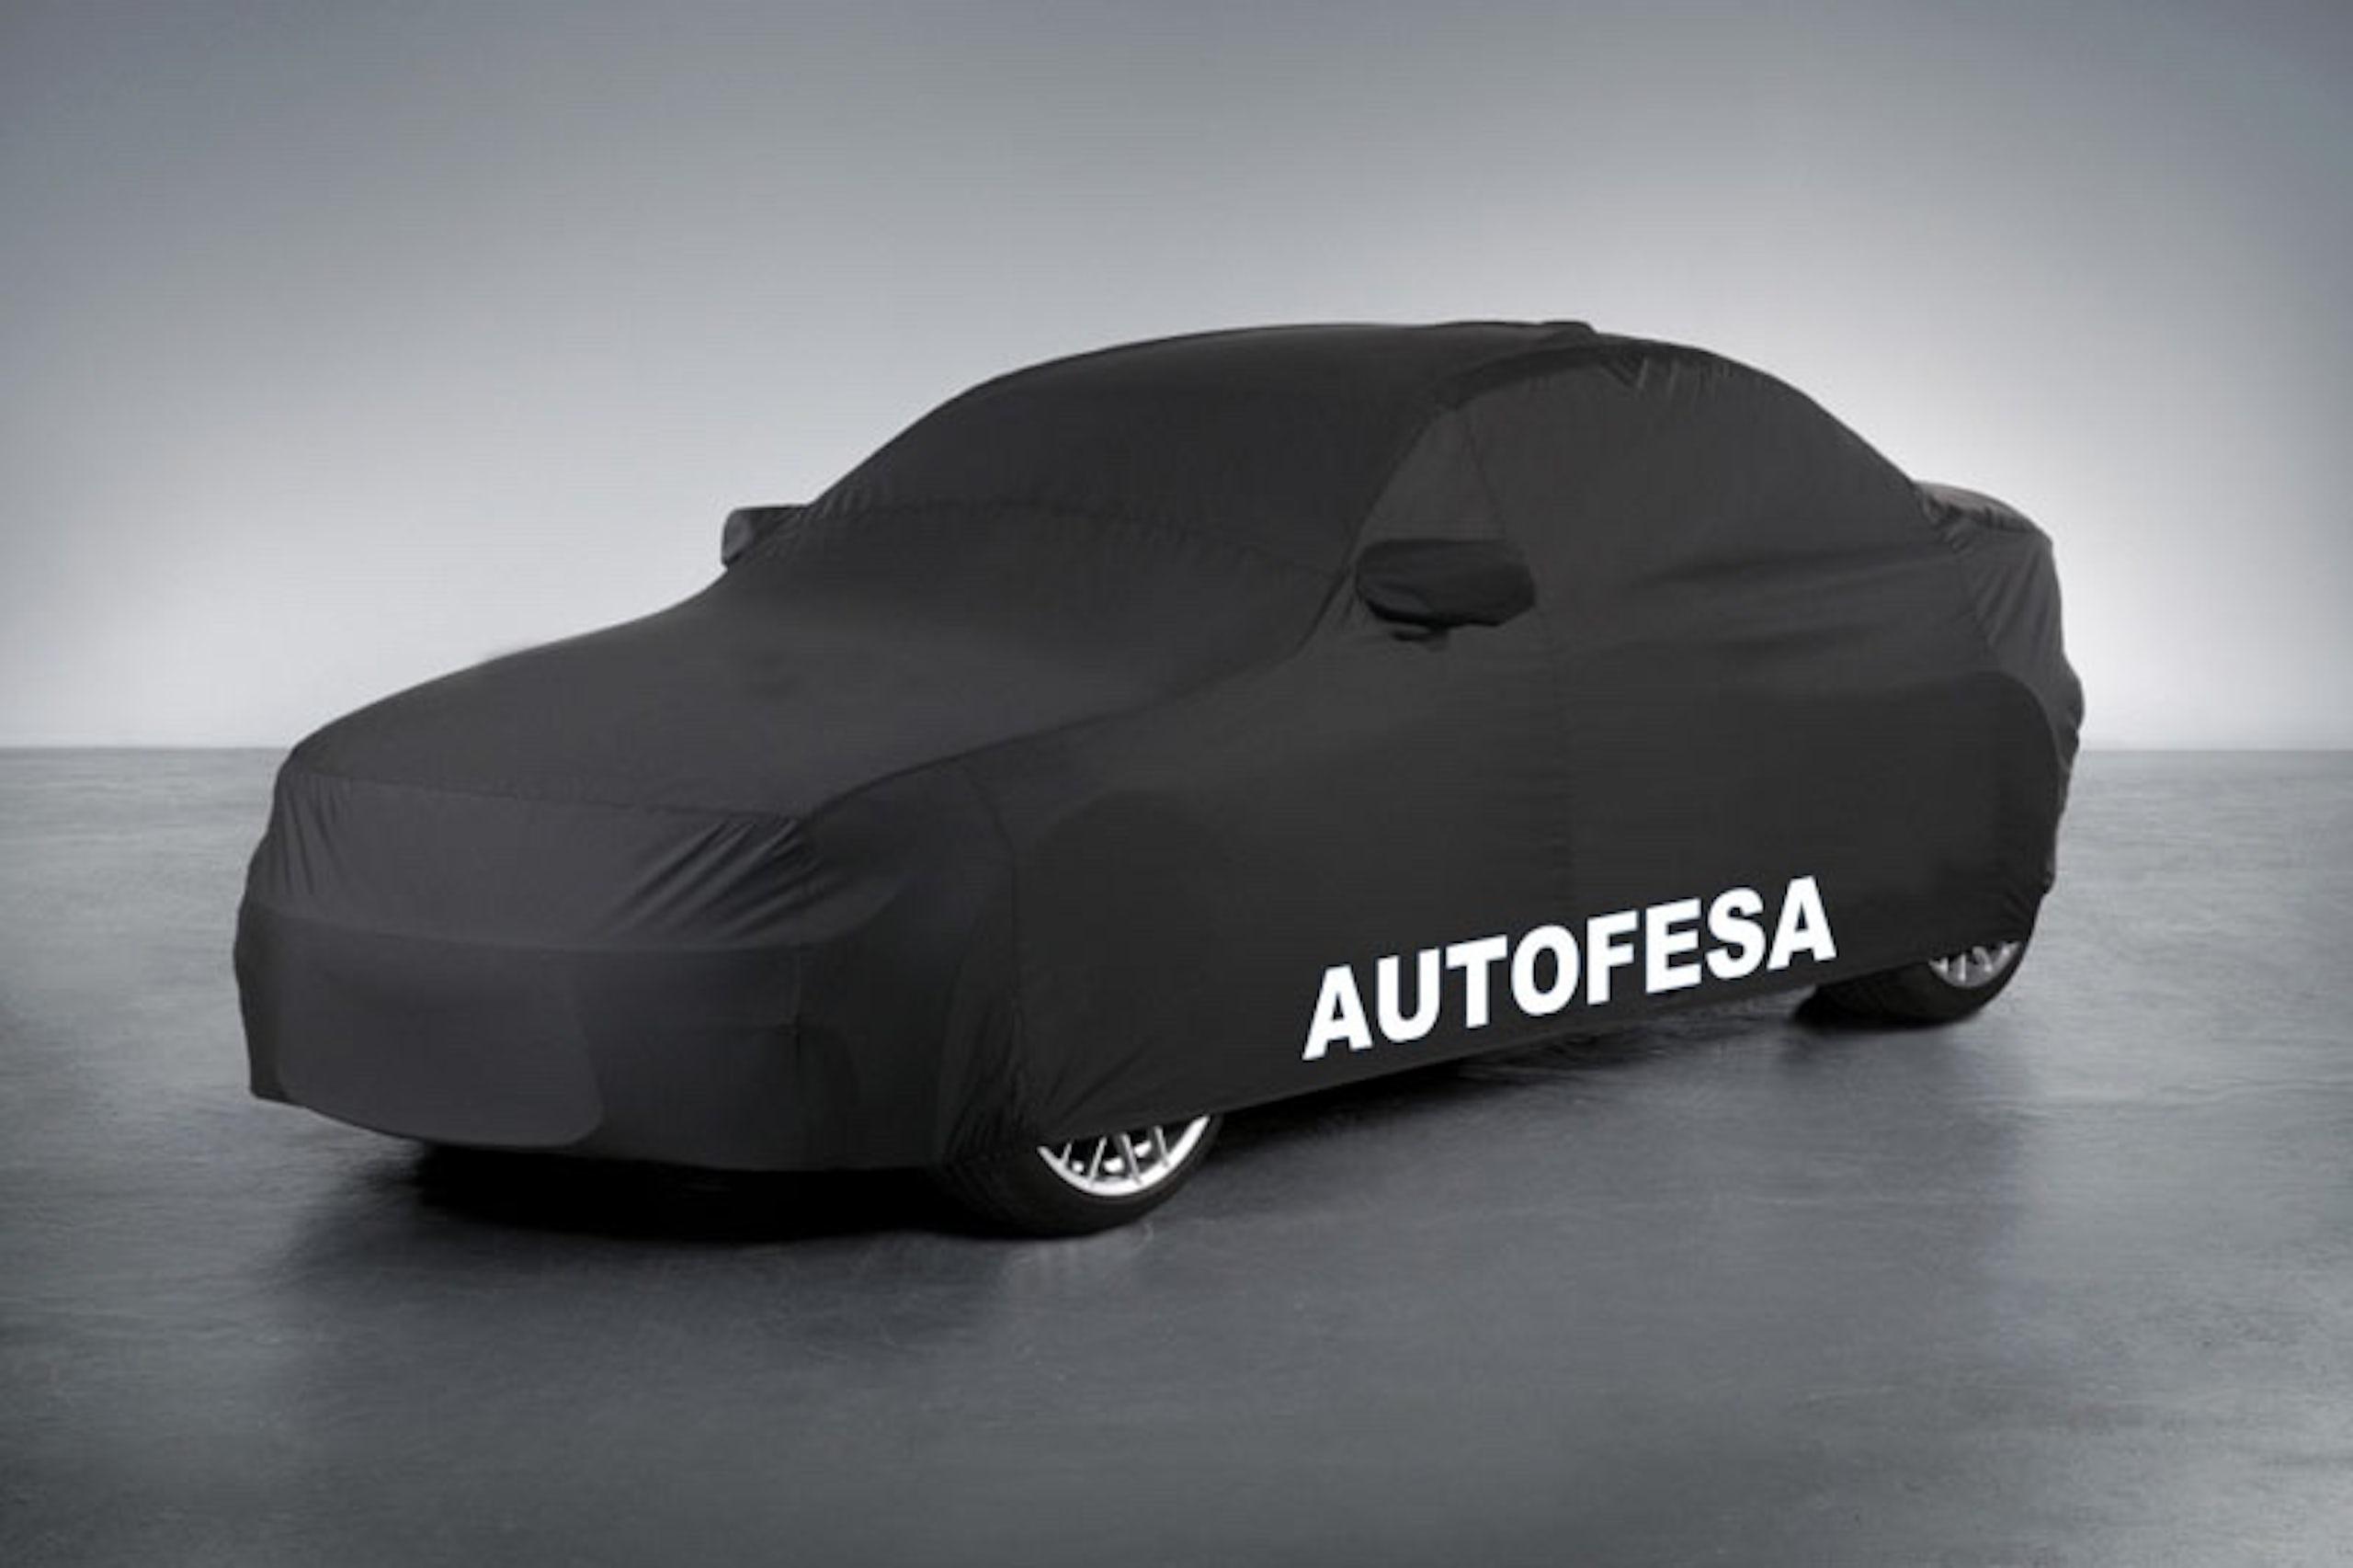 Audi A4 Avant 2.0 TDI 190cv quattro 5p S tronic Auto S/S - Foto 6